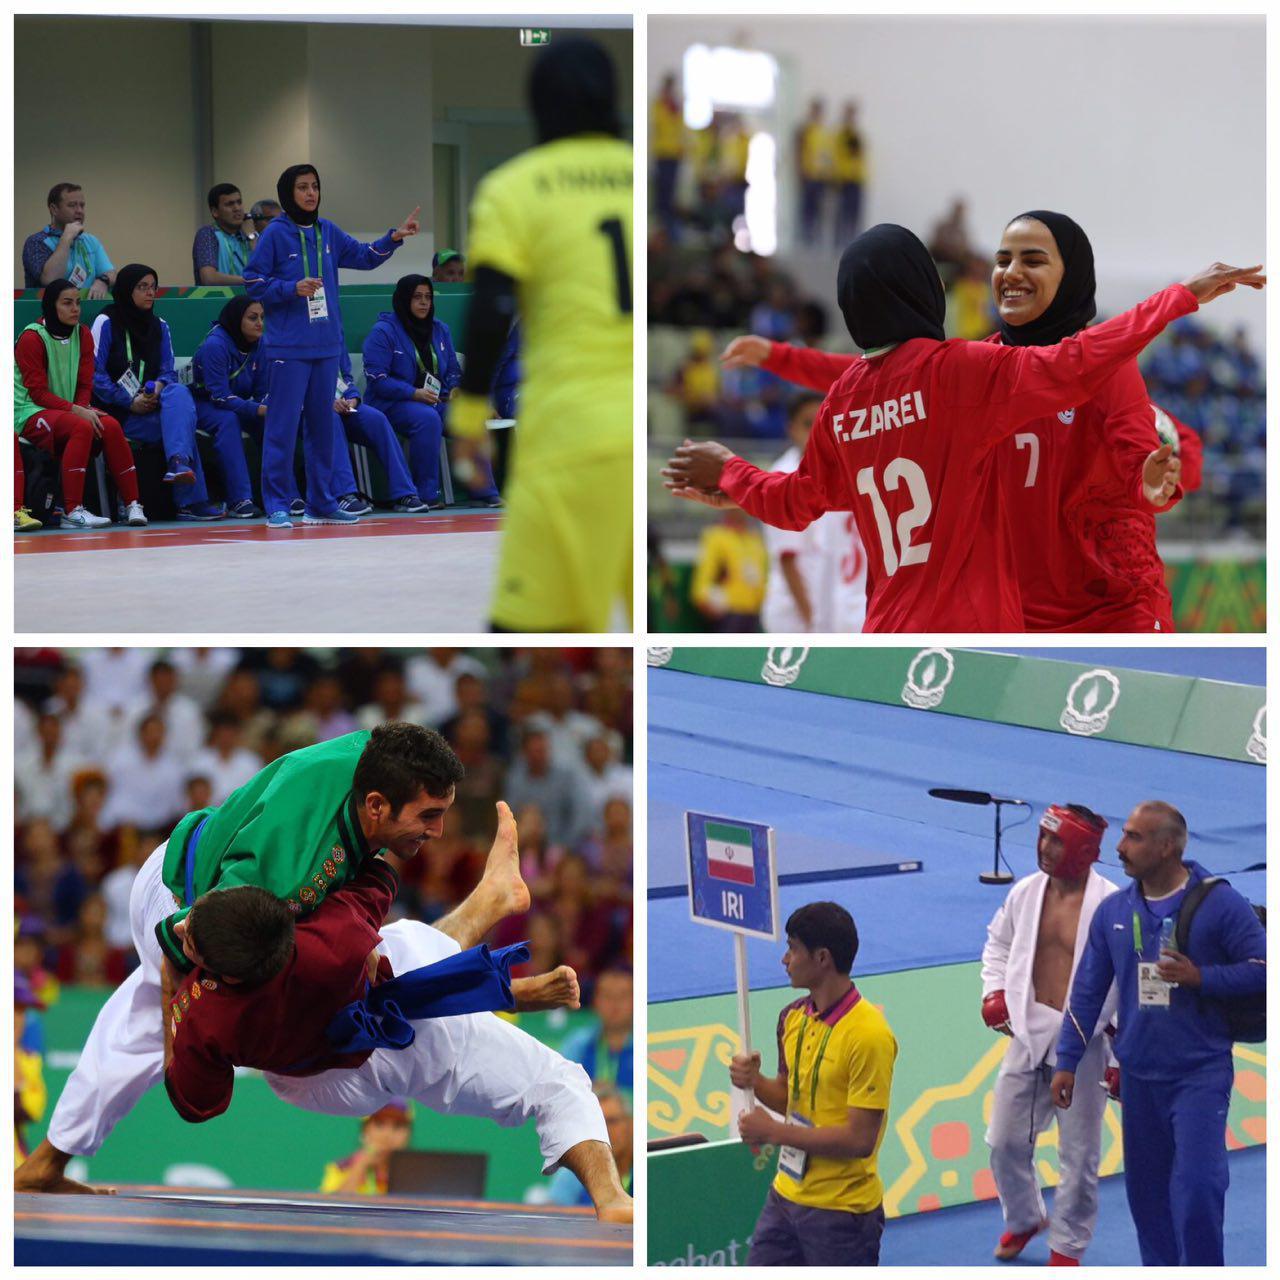 ۳ مدال برنز، یک پیروزی پر گل حاصل نمایندگان کشورمان در شروع مسابقات ترکمنستان